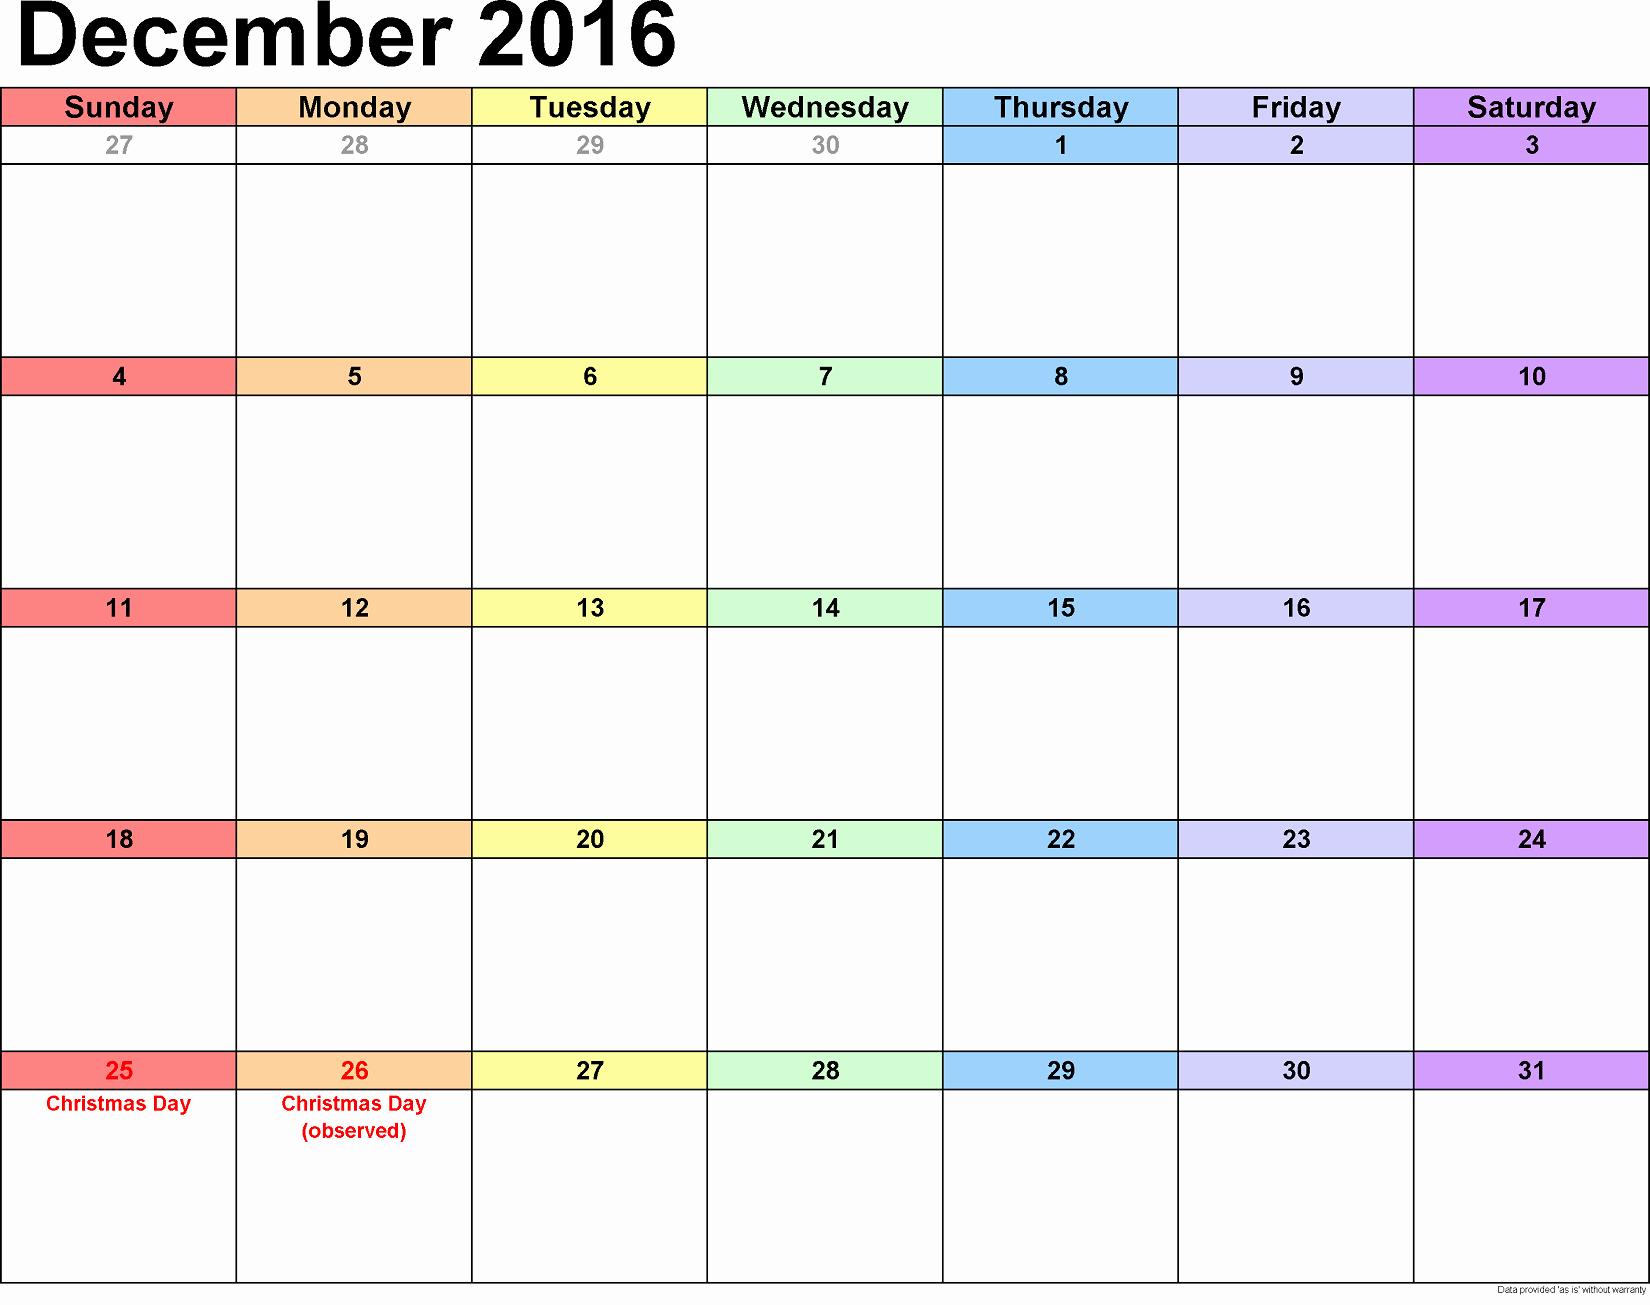 Blank December Calendar 2016 Printable Awesome December 2016 Calendar Printable Free